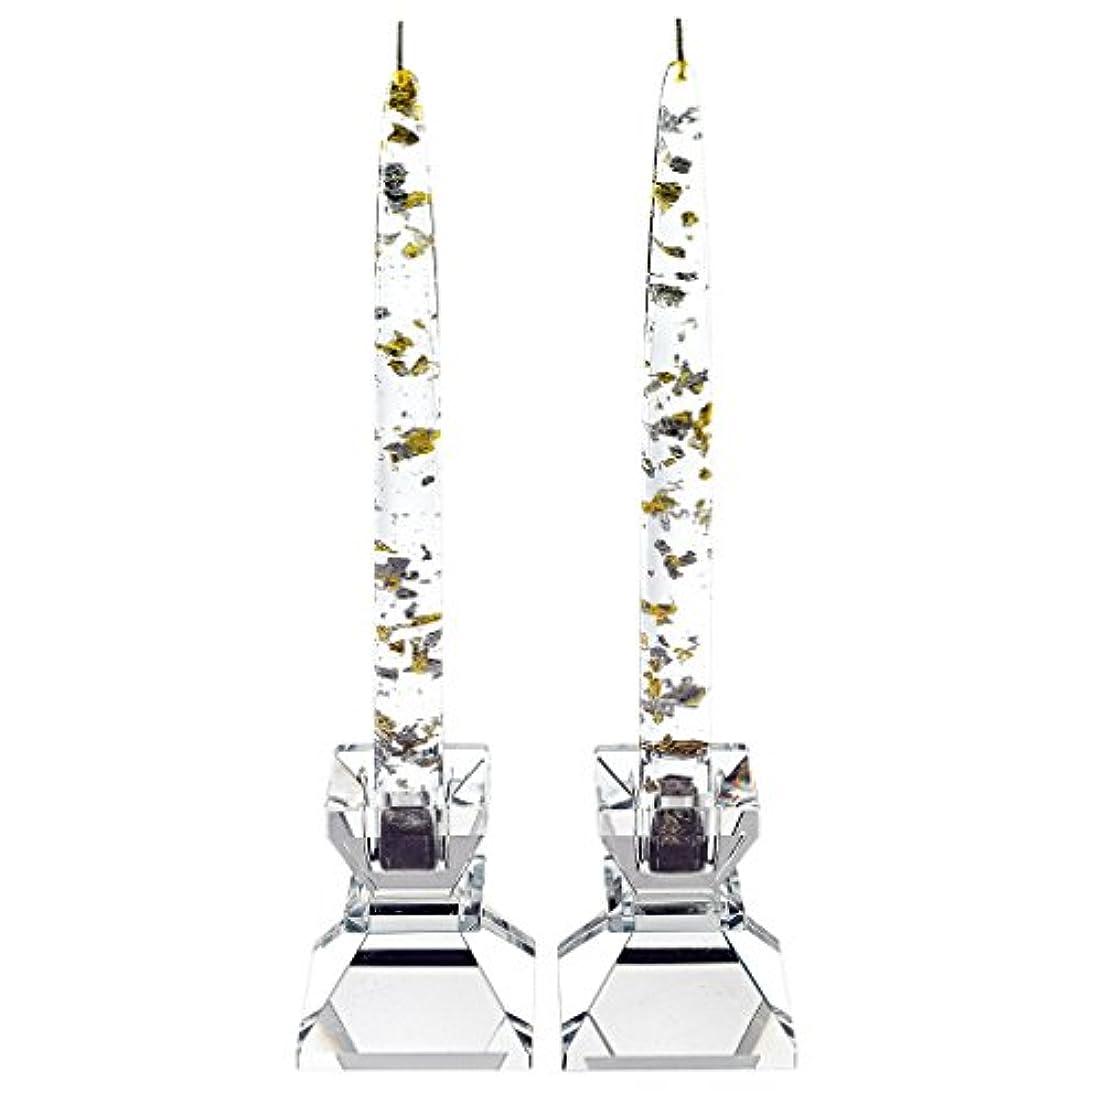 夕食を食べるビザ決済Badash Crystal G121 SILVER - GOLD FLECK 8 in. CANDLE